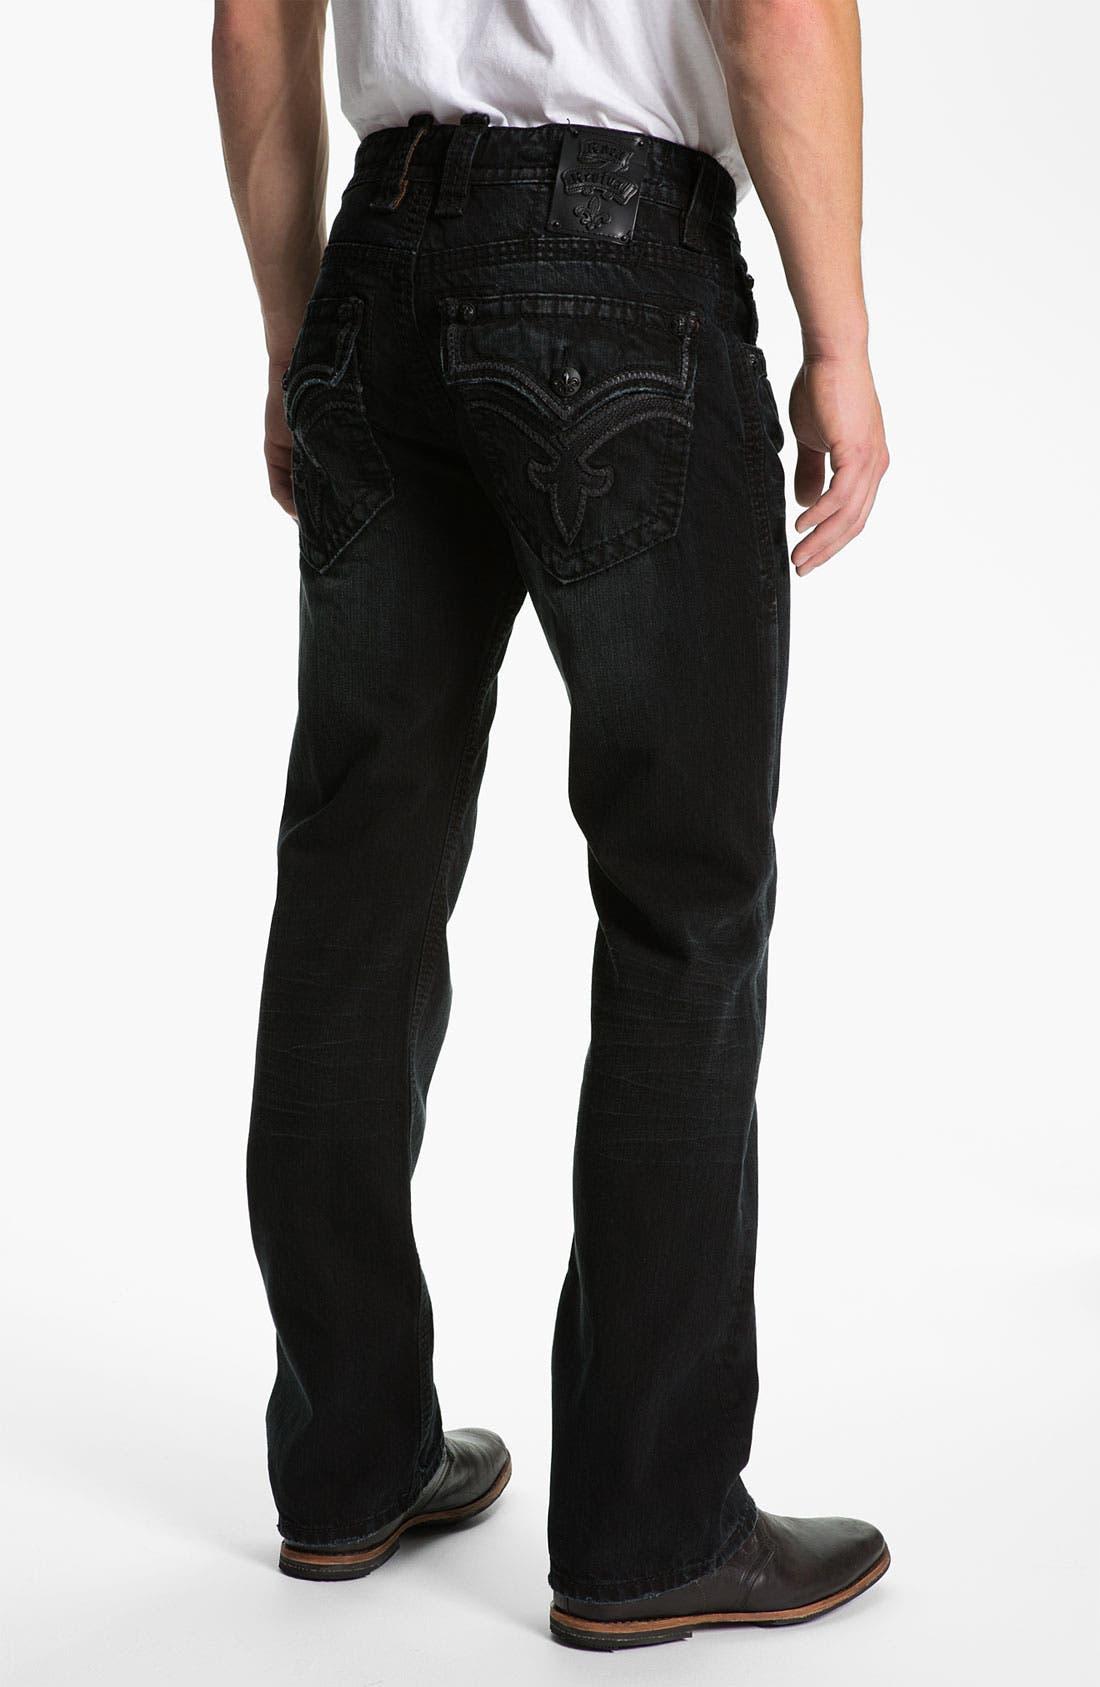 Main Image - Rock Revival 'Bob' Straight Leg Jeans (Black)